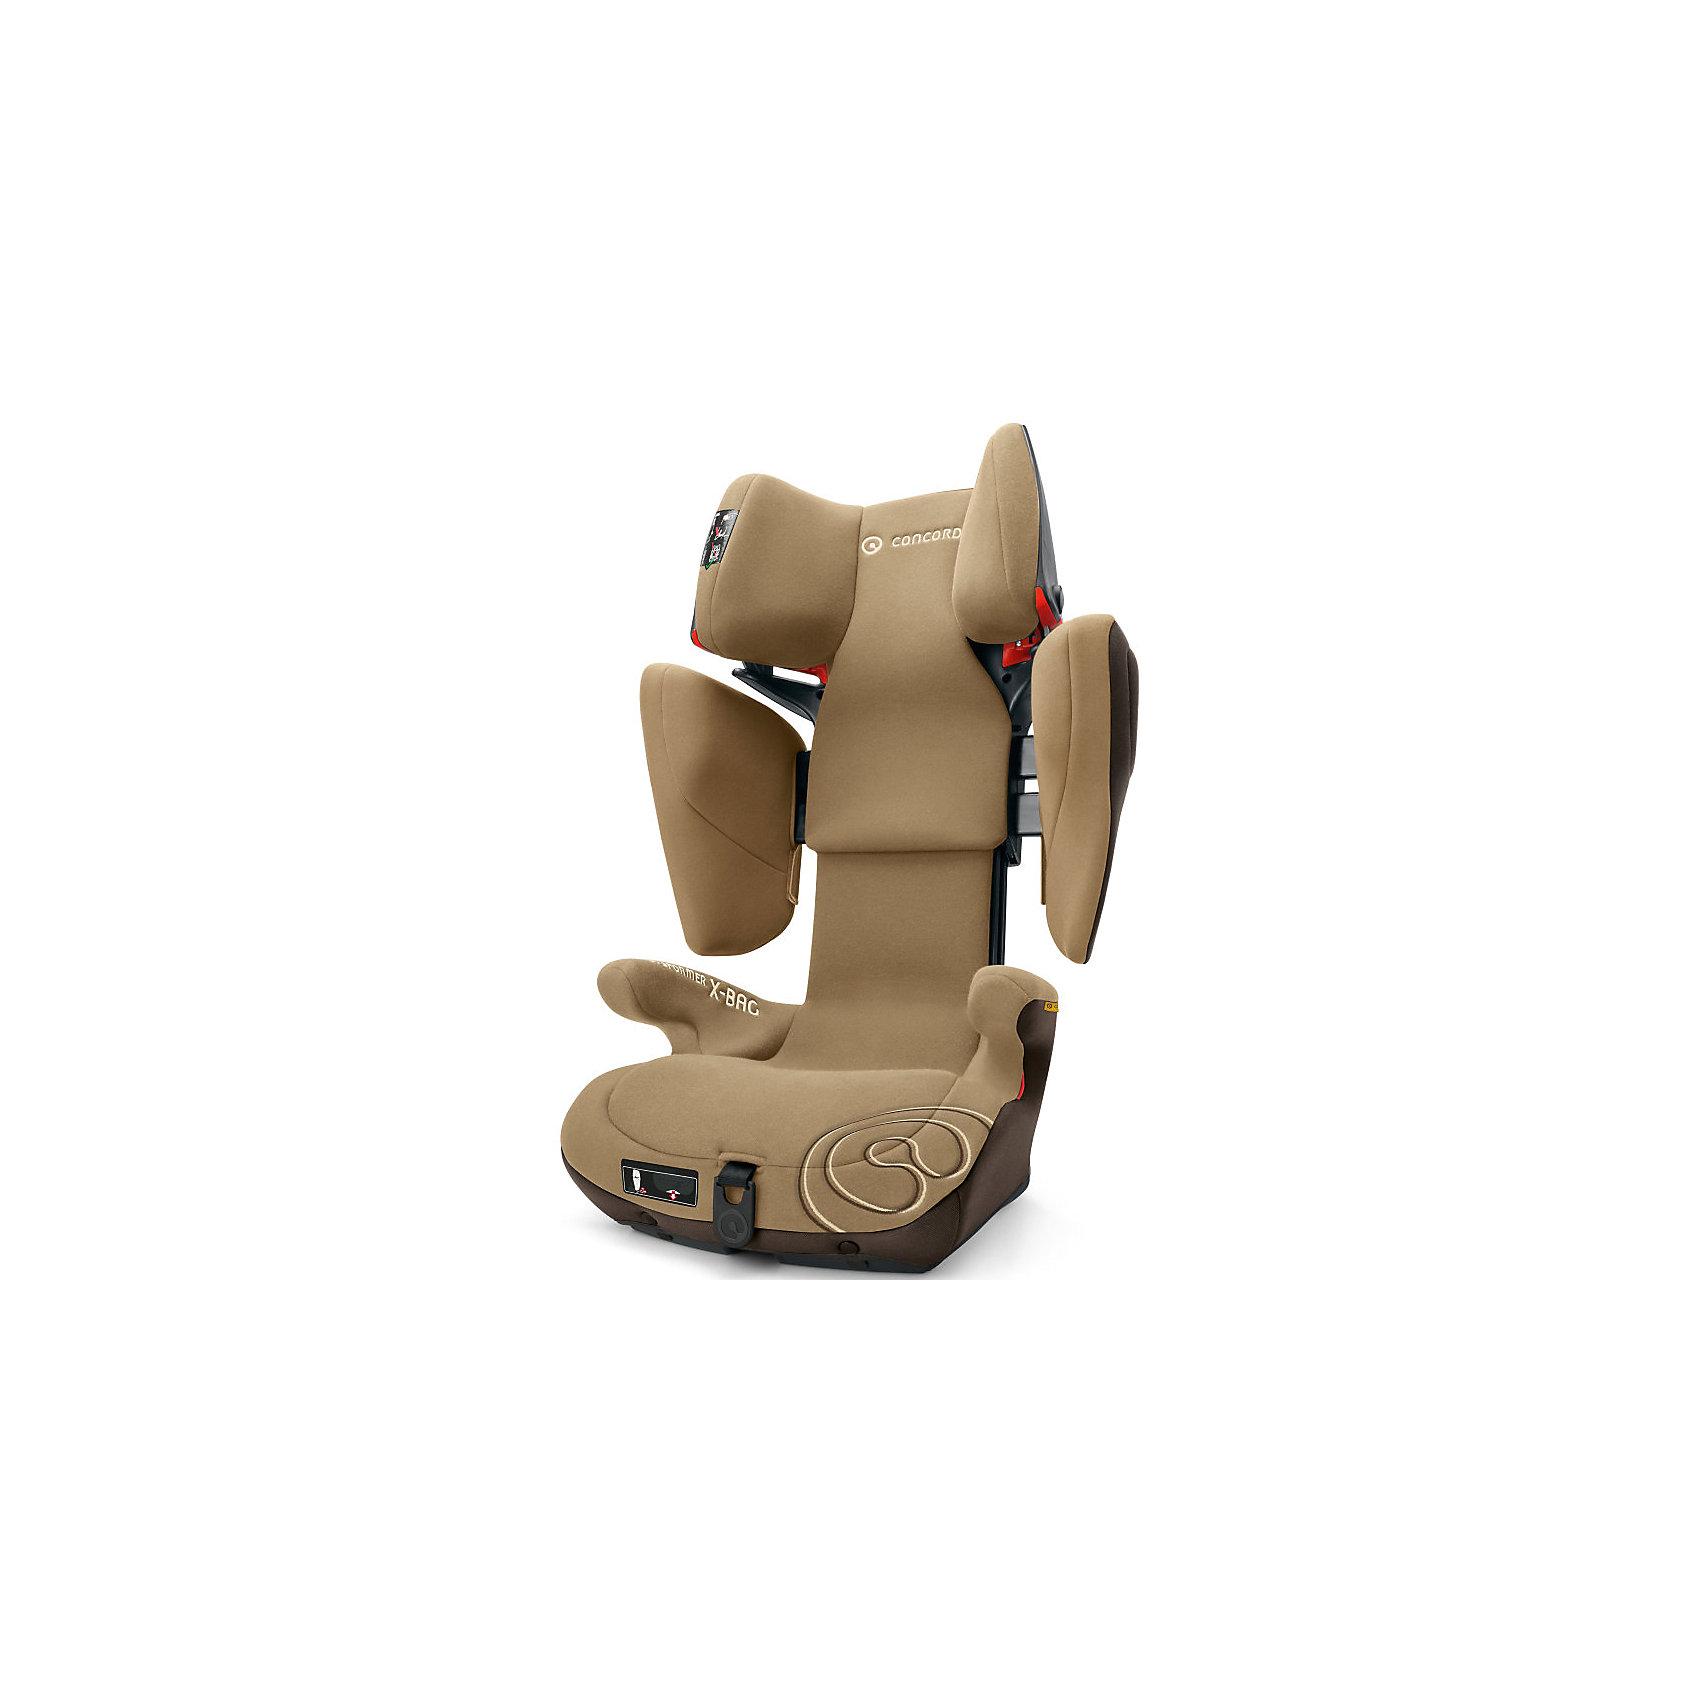 Автокресло Transformer X-BAG, 15-36 кг., Concord, Walnut Brown 2016Автокресло Transformer X-BAG, 15-36 кг., Concord, Walnut Brown 2016 - модель, которая гарантирует комфорт и безопасность ребенка.<br>Безопасное, комфортное автомобильное кресло Transformer X-BAG, Concord отличается современным дизайном, прочной подуманной конструкцией и системой регулировок. Каркас из прочного пластика не лопается при ударе и надежно защищает ребенка. Объемные и высокие боковины в области головы и плеч являются отличительной и уникальной чертой автокресла Transformer X-BAG. Подголовник и боковины автокресла наполнены специальным абсорбирующим материалом, который гасит энергию при ударе. Специальная конструкция подголовника надежно защищает ребенка при заднем и боковом ударе. Анатомическая форма автокресла и мягкое сидение идеально подходят для комфортного путешествия. За счёт использования пневмо-механизма увеличить высоту подголовника (20 положений) и расширить боковины можно нажатием на одну кнопку. Автокресло крепится в автомобиле с помощью штатного ремня безопасности автомобиля и крепления Latch. Направляющие ремня в подголовнике имеют защёлку, которая предотвращает его самопроизвольное выпадение. В автокреслах Transformer X-BAG, Concord сочетаются разные типы тканей обивки: мягкая гипоаллергенная приятная для кожи малыша ткань подголовника; износоустойчивый материал устойчивый к трению с антискользящим эффектом на спинке и на нижней части кресла. Все материалы воздухопроницаемые. Обивка из высококачественных материалов, легко снимается и стирается в режиме деликатной стирки при температуре 30 градусах.<br><br>Дополнительная информация:<br><br>- Группа 2-3 от 3 до 12 лет (15-36 кг)<br>- Максимальная ширина в плечах: 38 см.<br>- Ширина в подлокотниках: 36 см.<br>- Внешние размеры: 45?45-55?63-82 см.<br>- Внутренние размеры: 28х32-52х 32 см.<br>- Вес: 7,7 кг.<br>- Корпус из ABC пластика<br>- Соответствует стандарту ECE R 44/04<br>- Направление установки: по ходу движения автомобиля